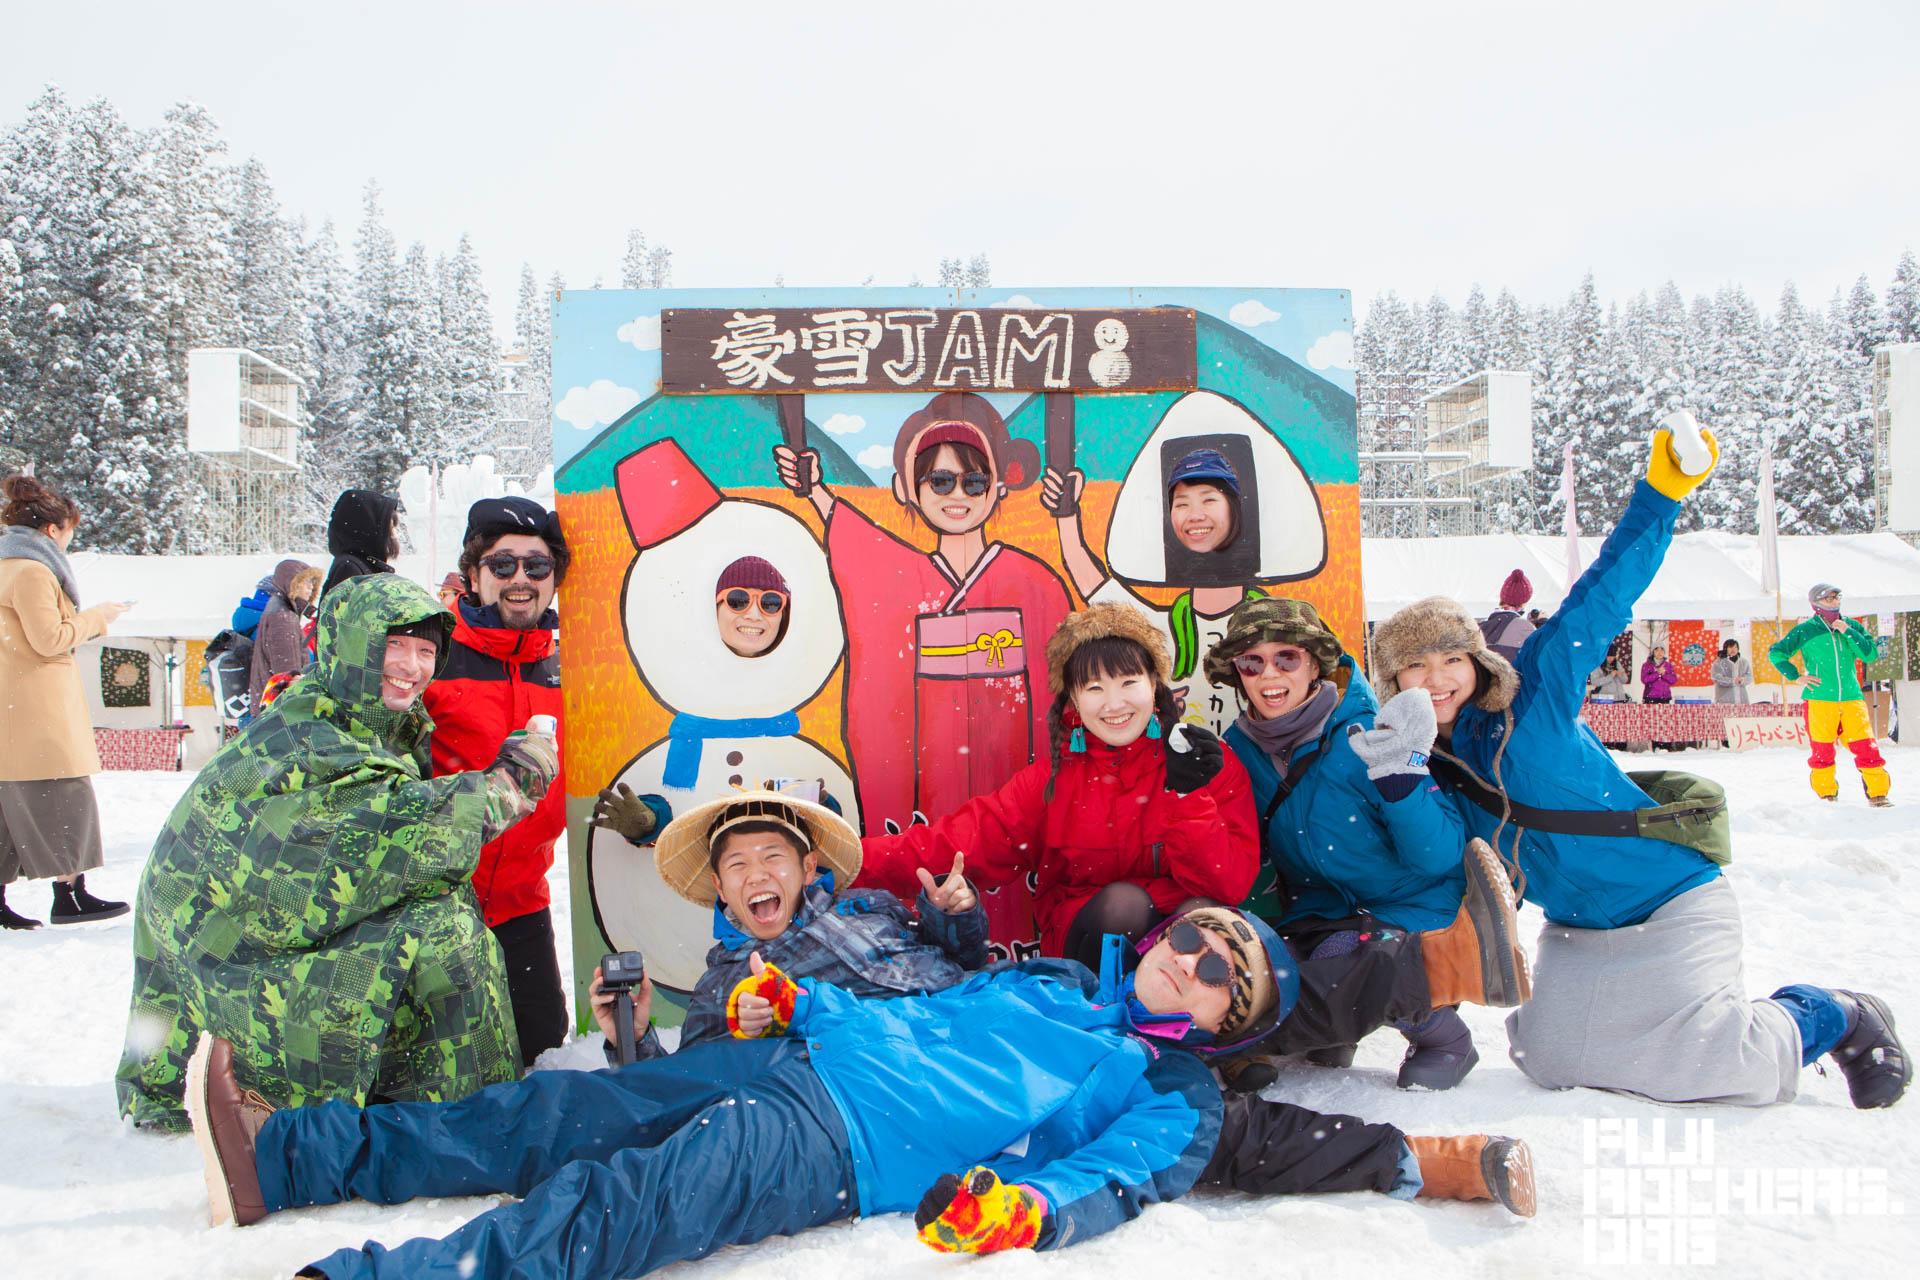 あけおめ、ことよろ!2017年フェス初め 豪雪JAMレポート!